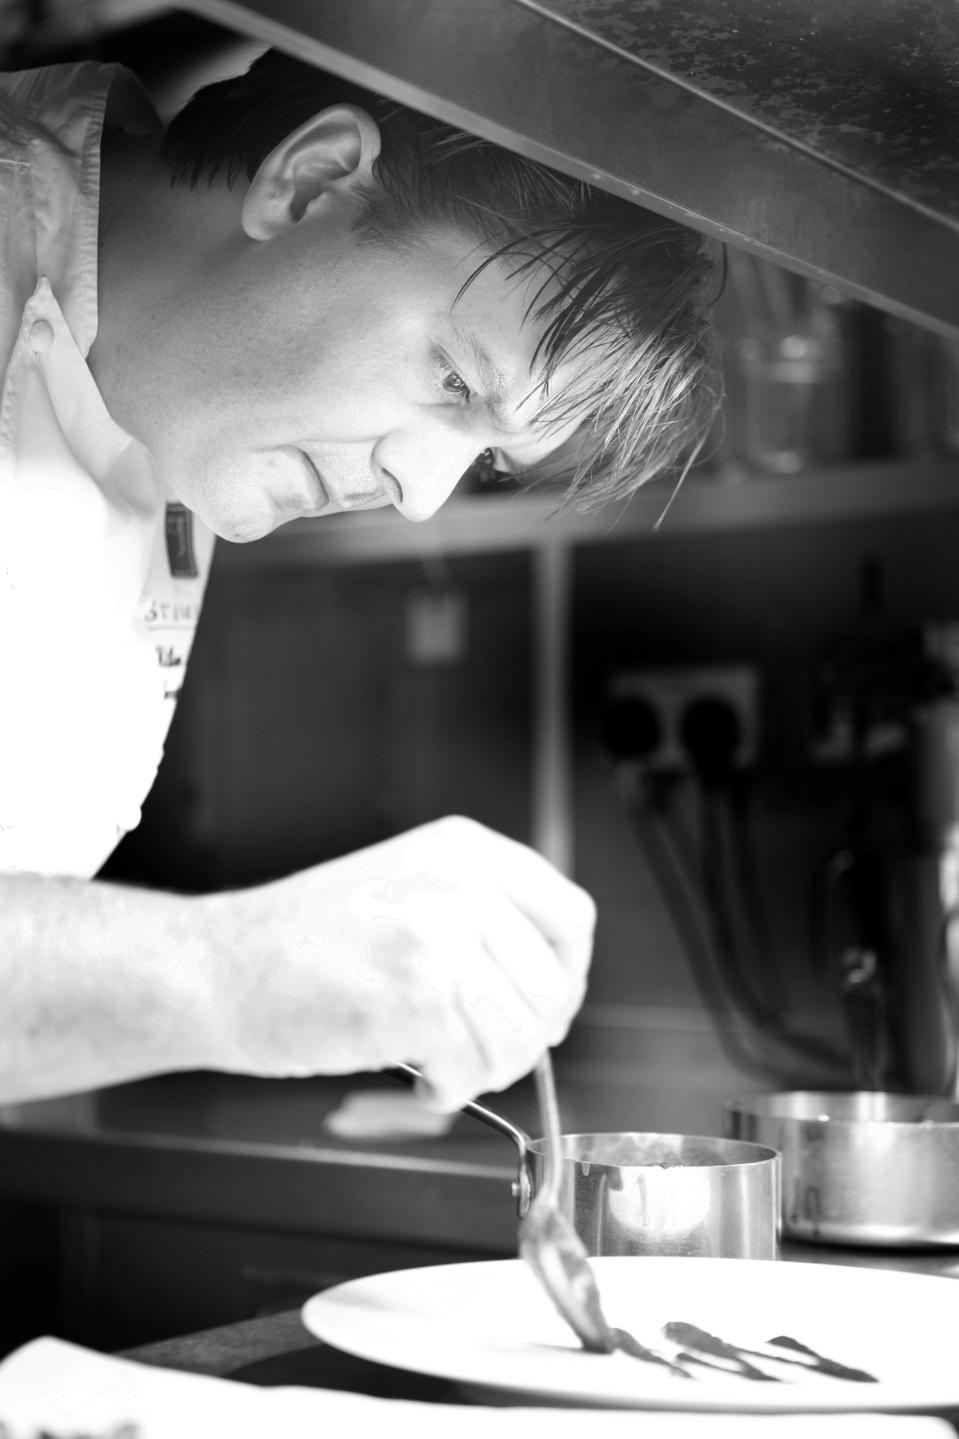 Chef William Drabble